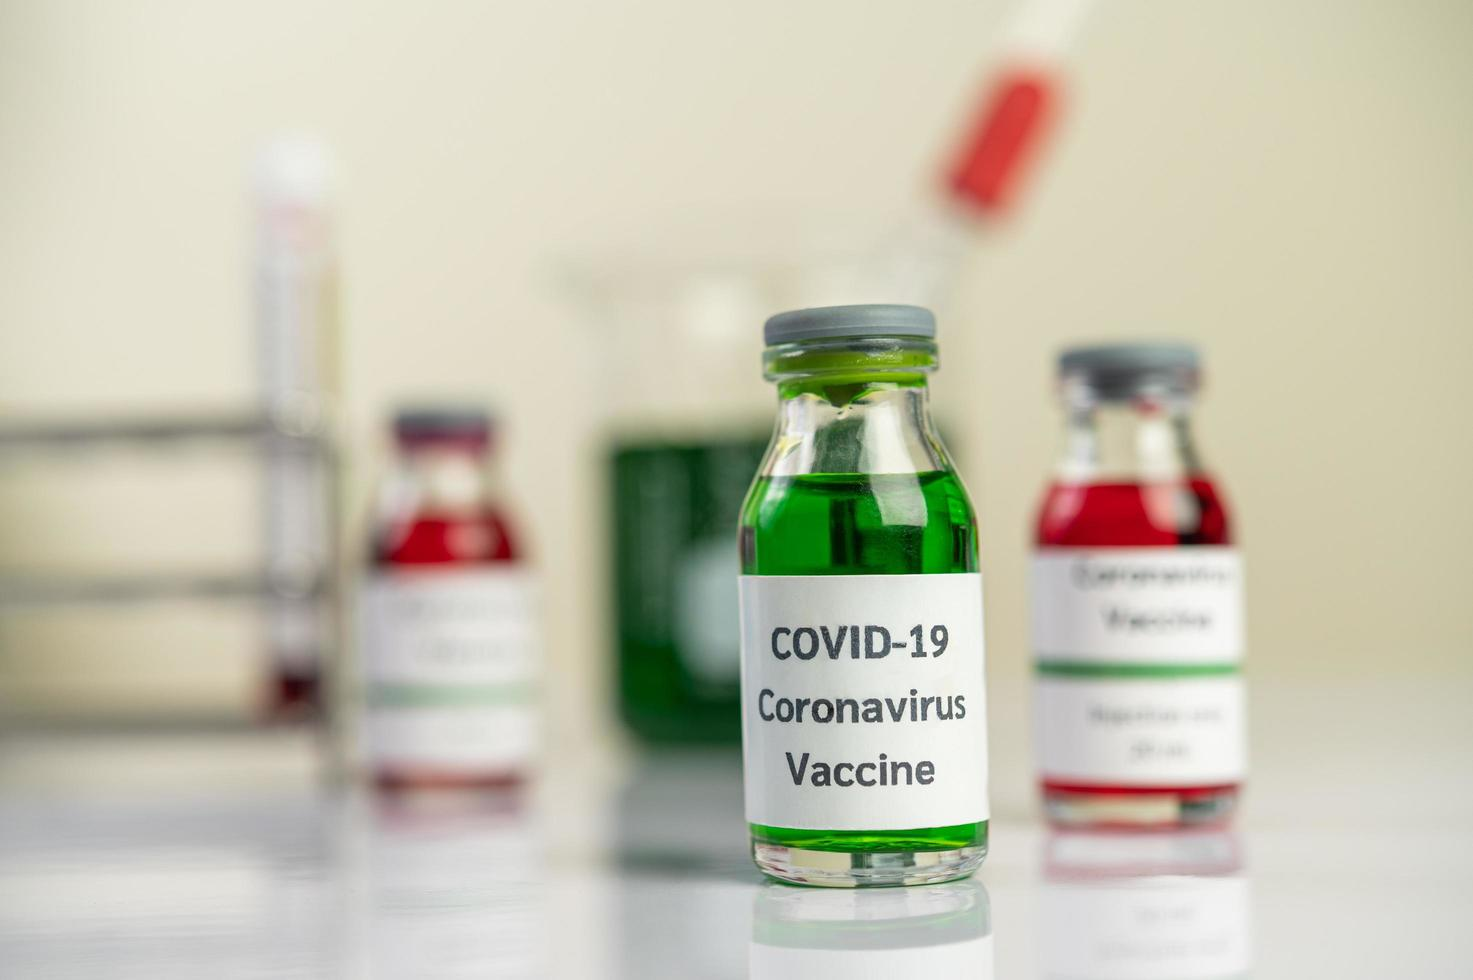 der Impfstoff gegen Covid-19 in roten und grünen Flaschen foto